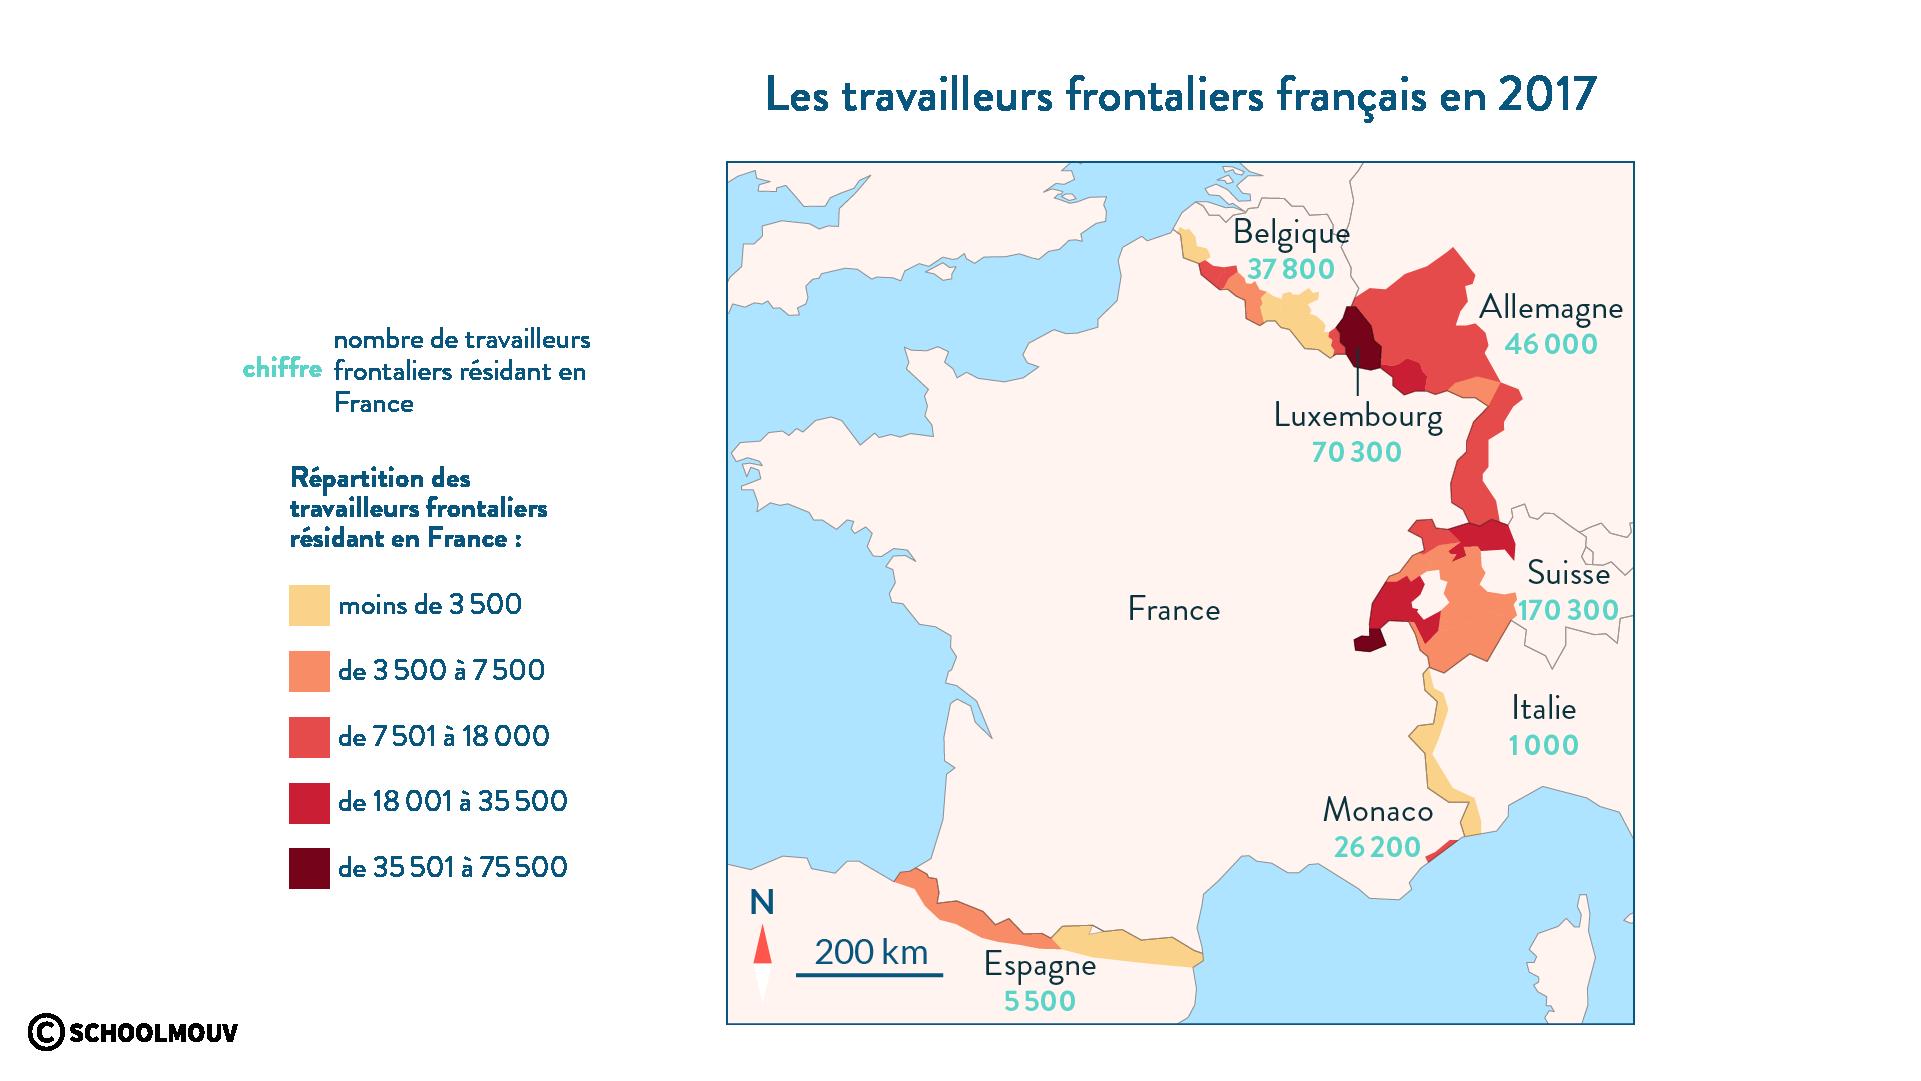 travailleurs frontaliers français